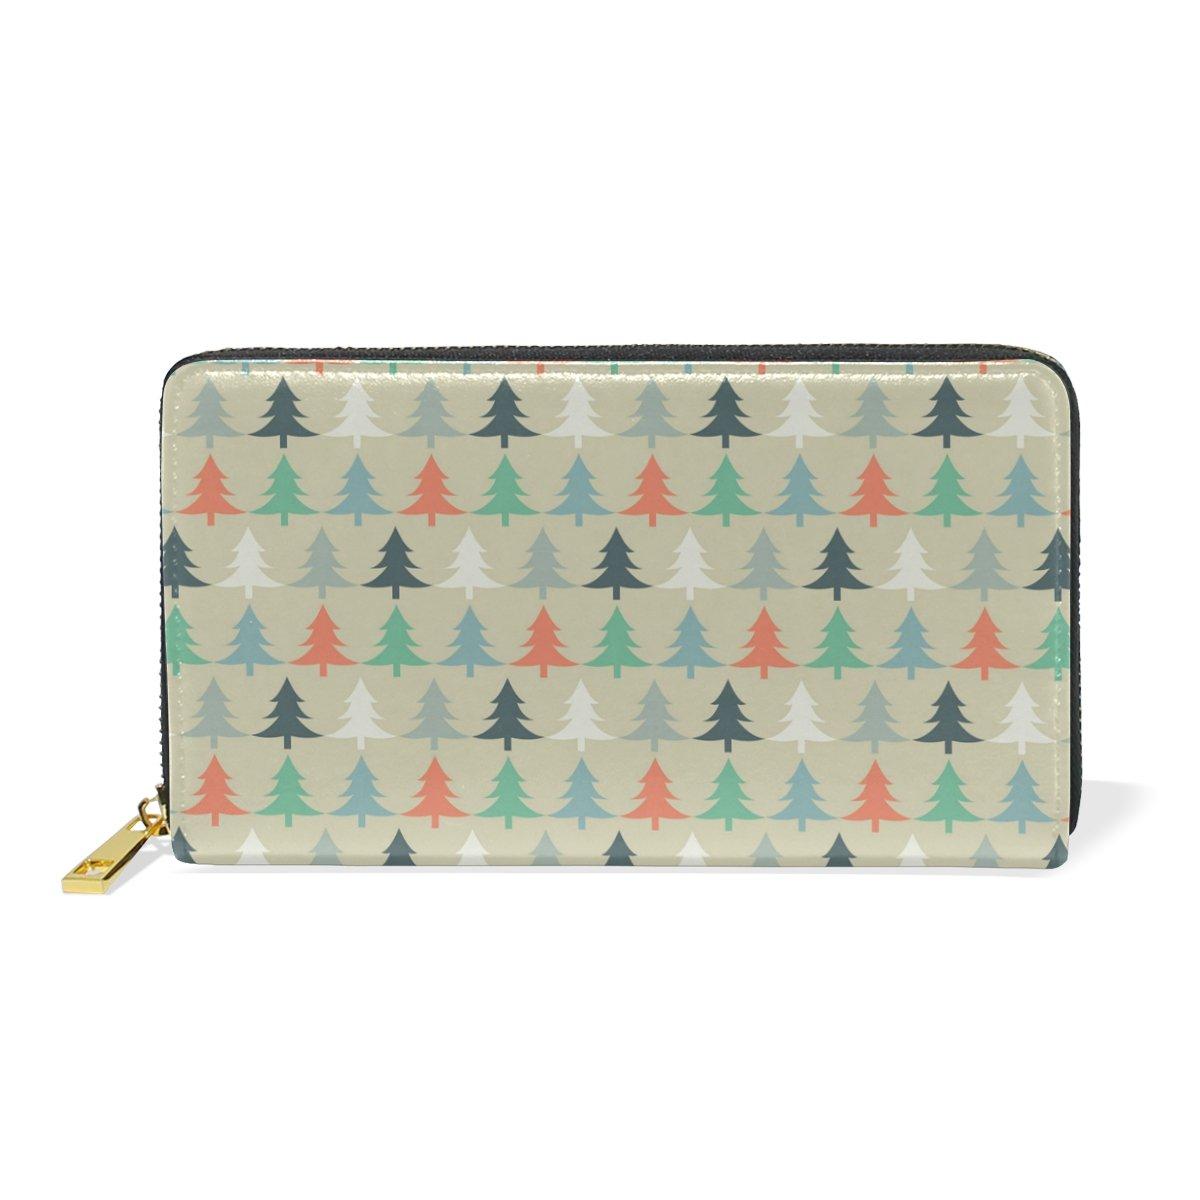 Women Genuine Leather Wallet Pine Tree Zipper Purse Girl Phone Clutch